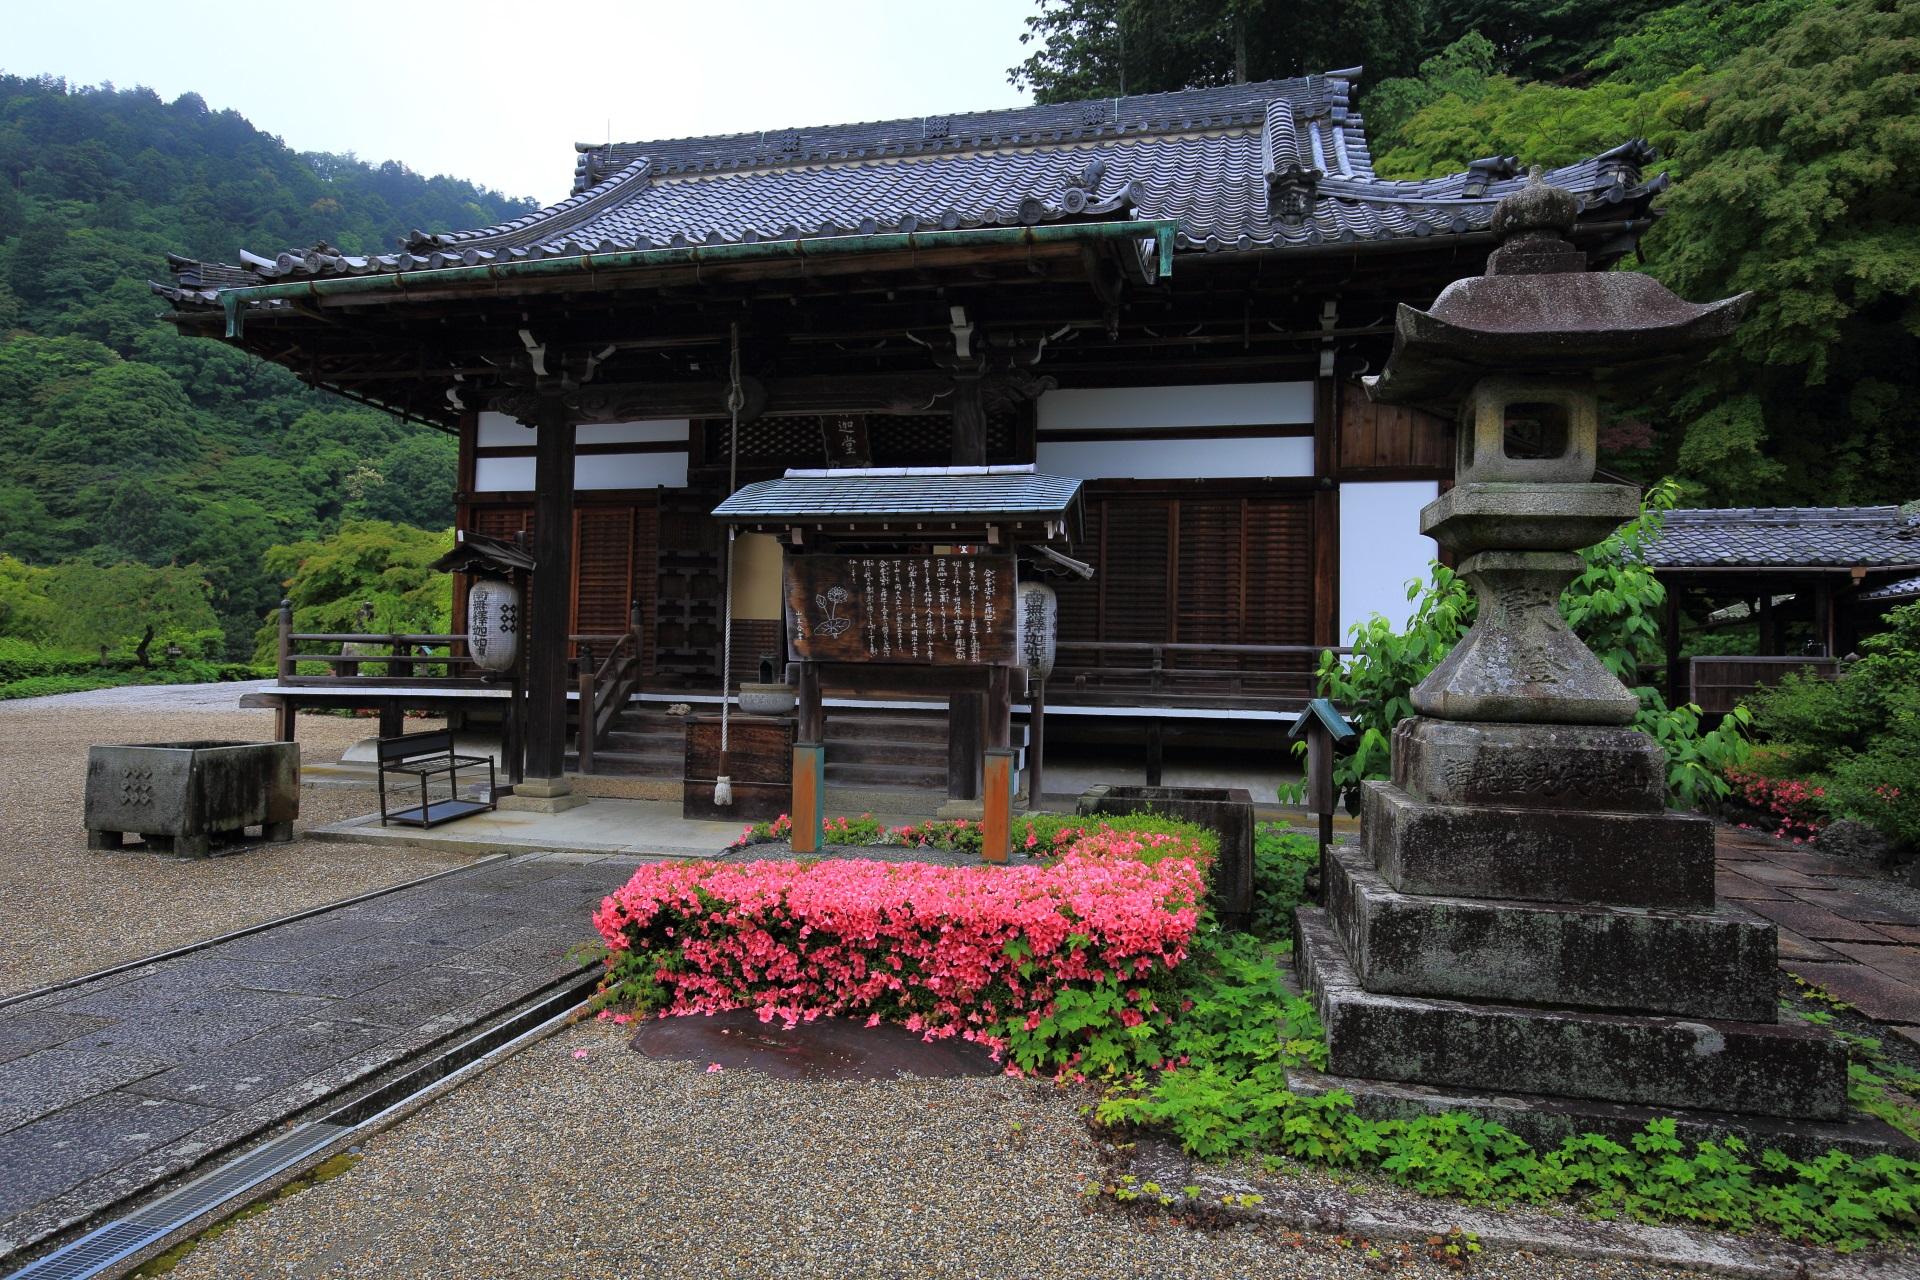 サツキの花がアクセントになる善峯寺の釈迦堂